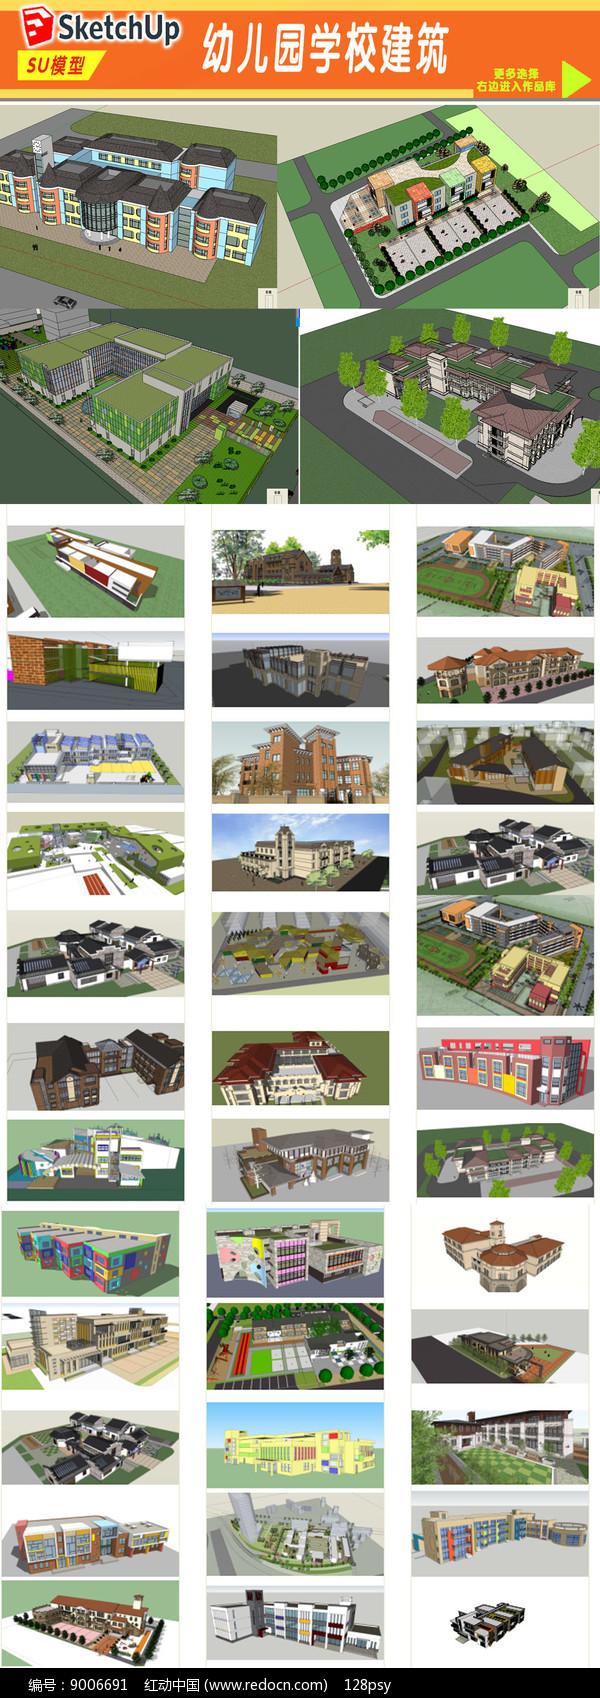 幼儿园学校建筑SKP模型图片